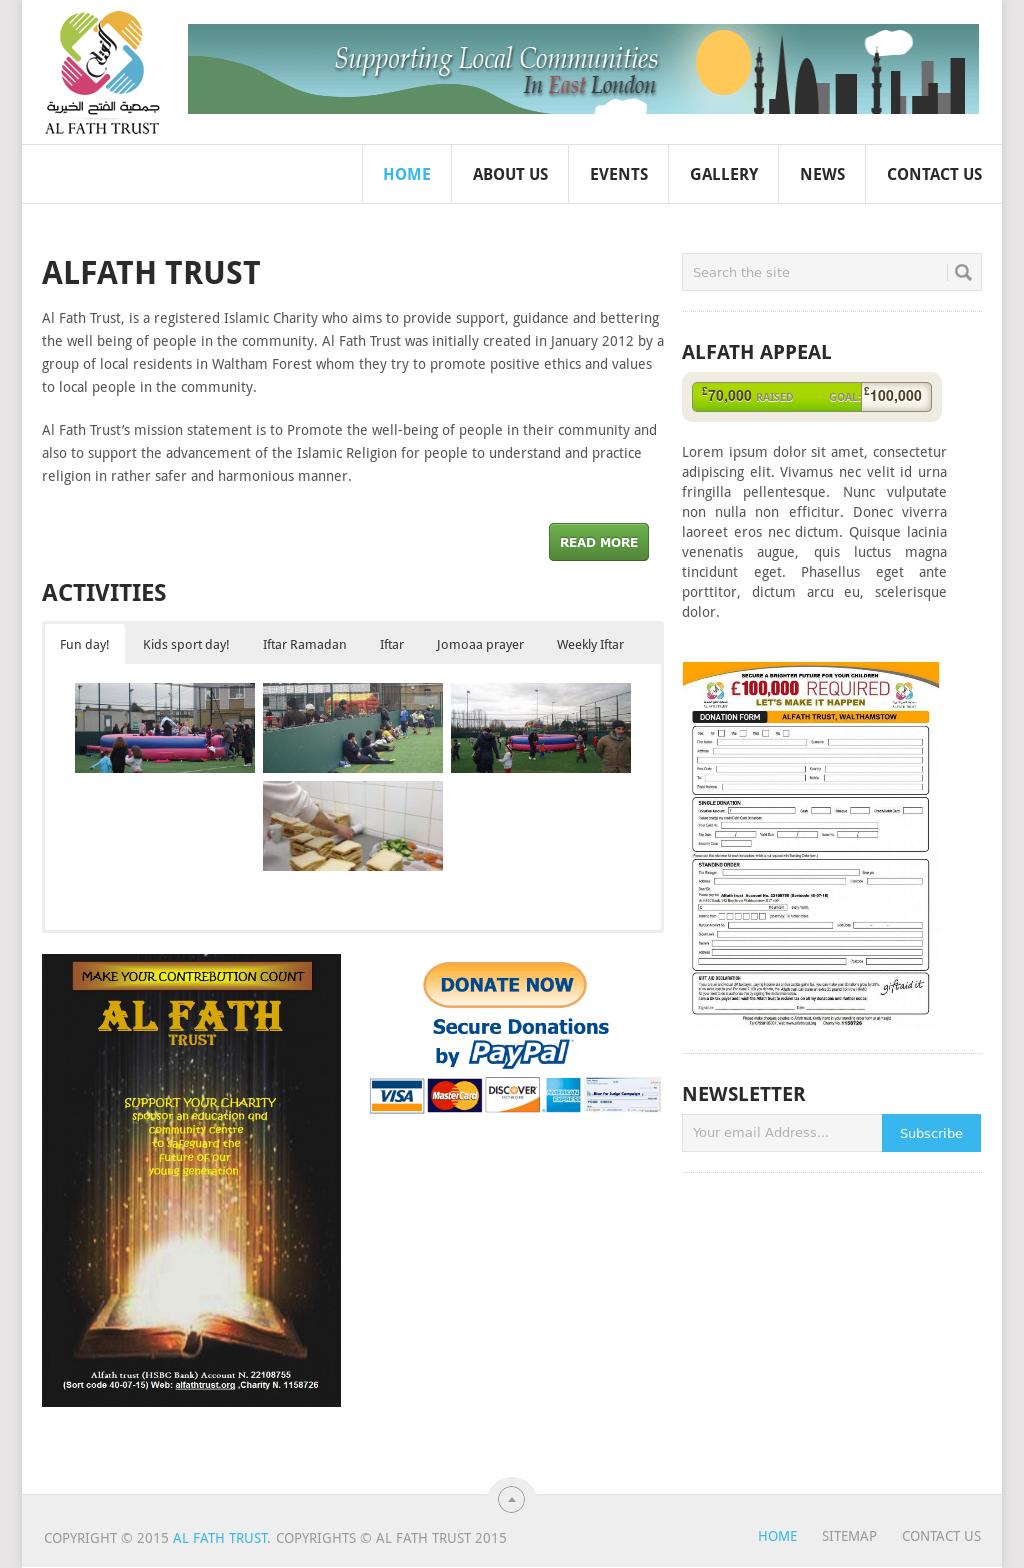 Al Fath Trust Competitors, Revenue and Employees - Owler Company Profile